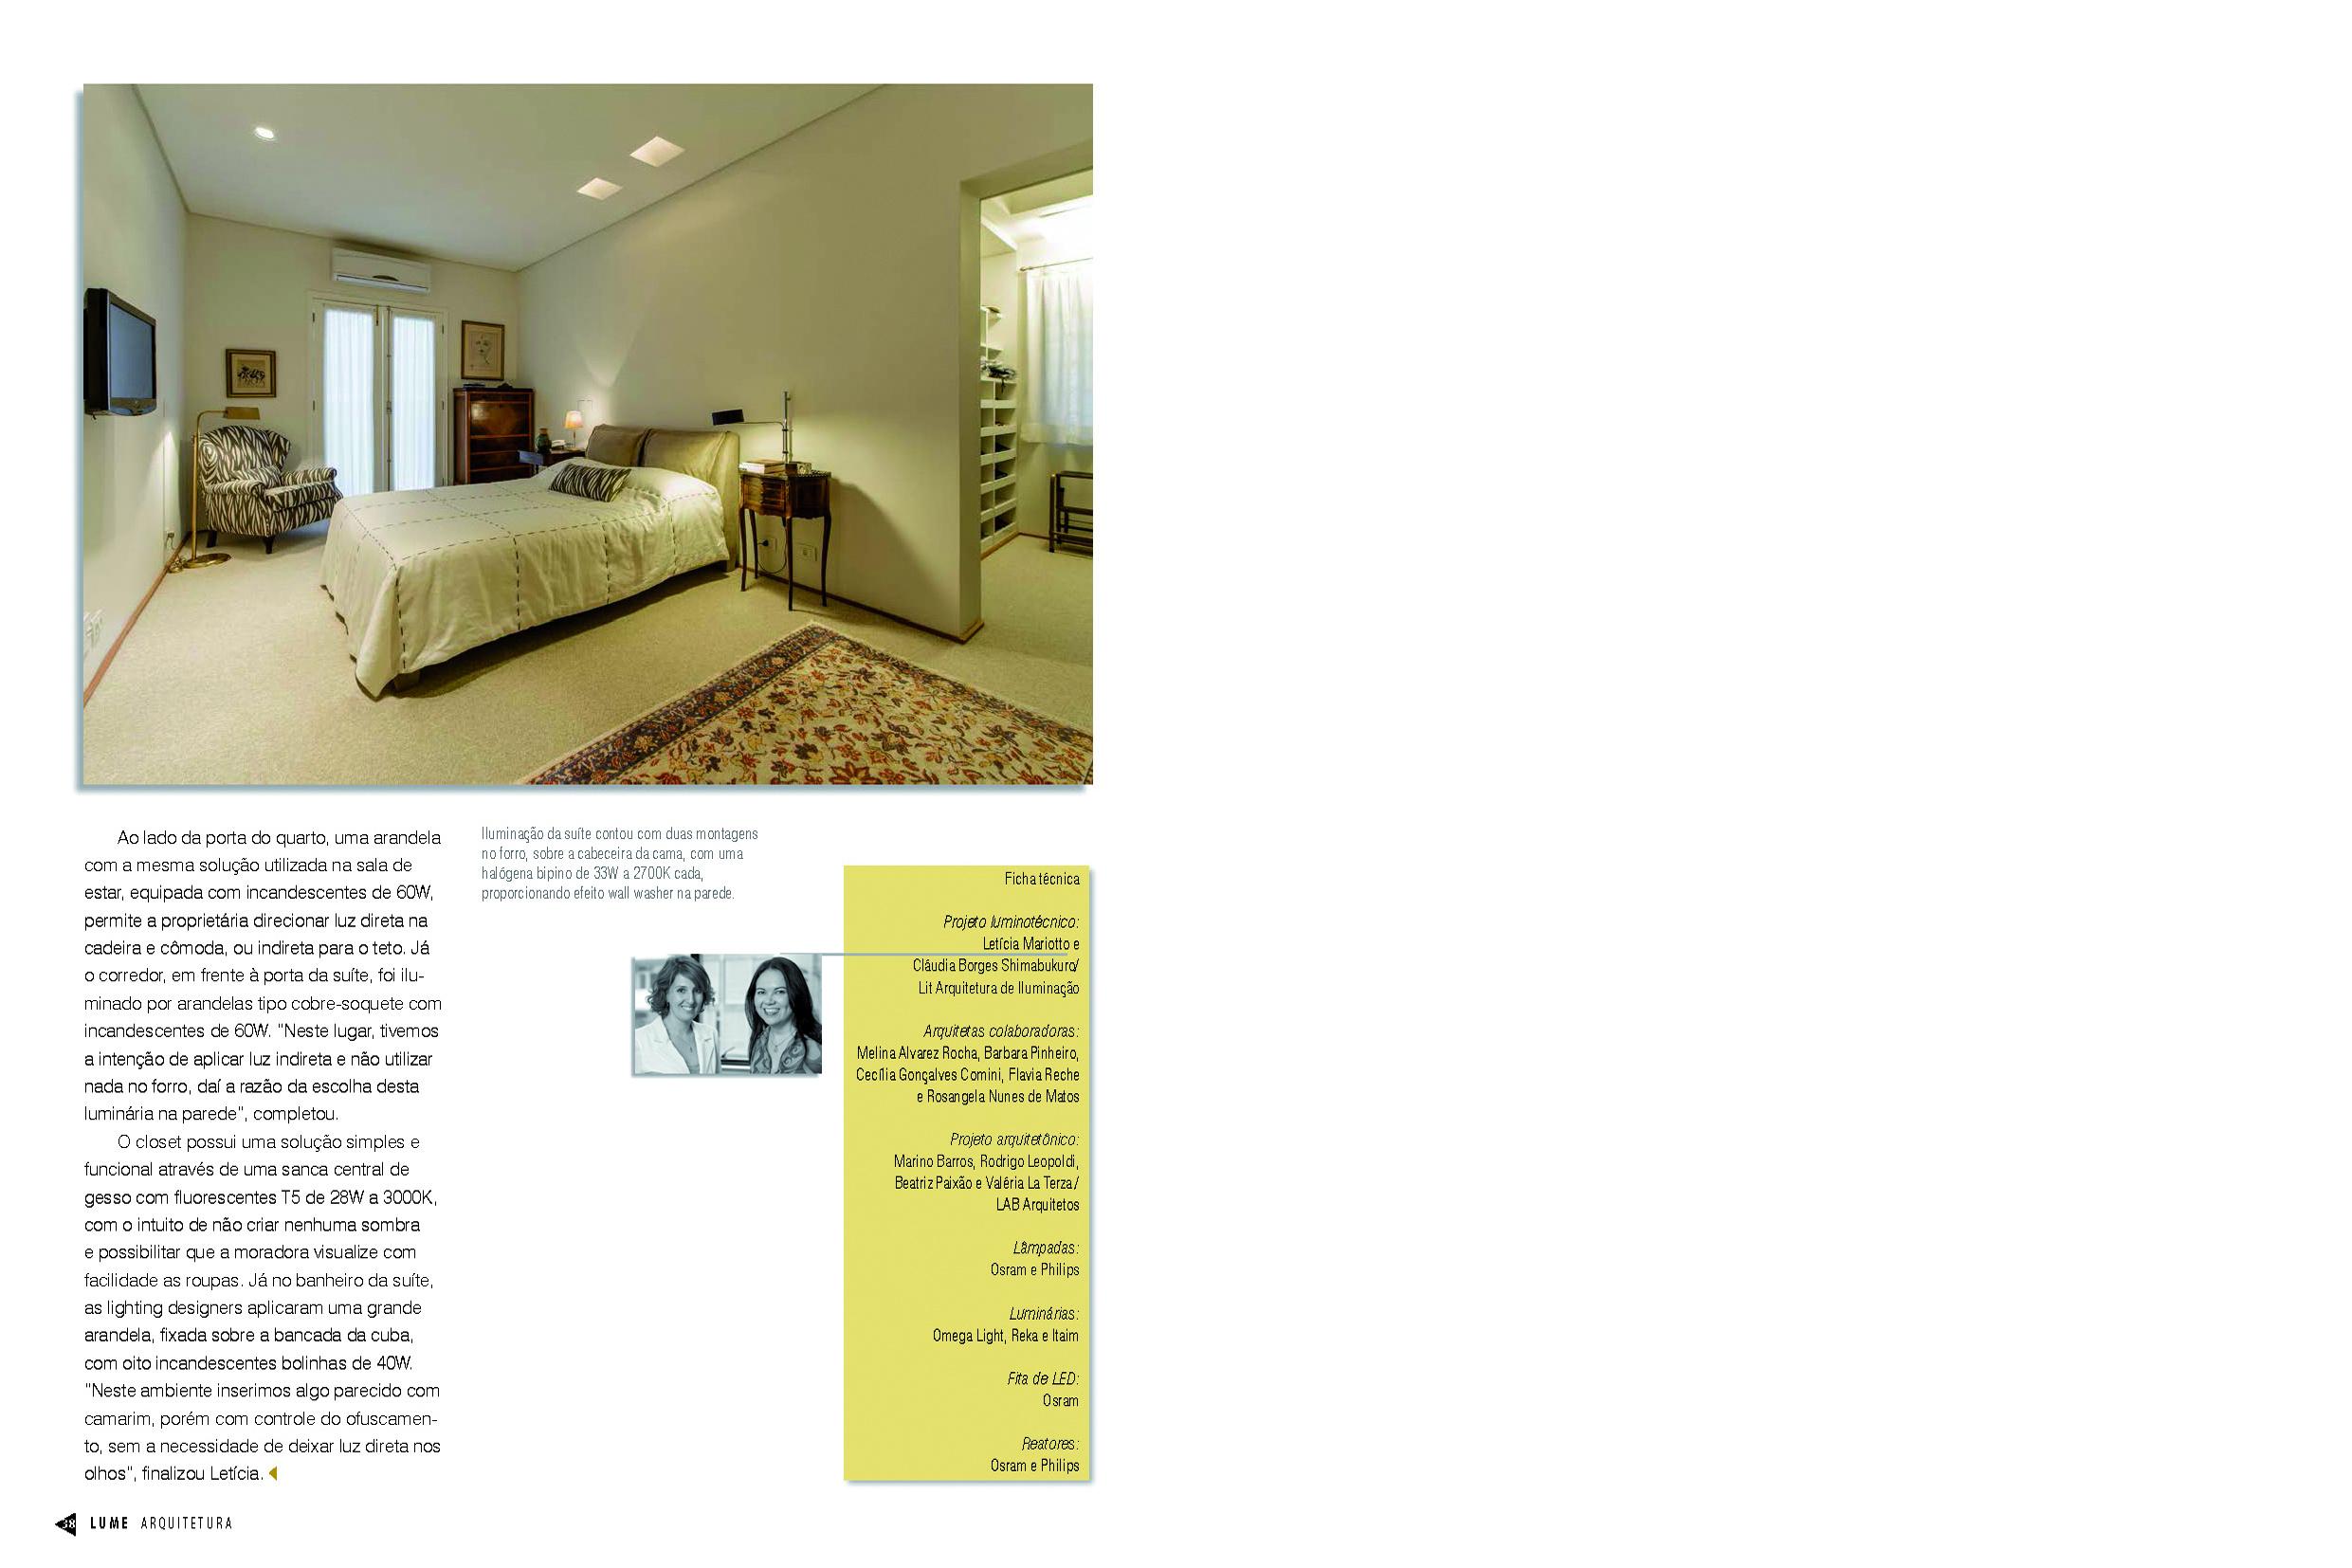 arquitetura-labarquitetos-residencial-publicação-lume-04